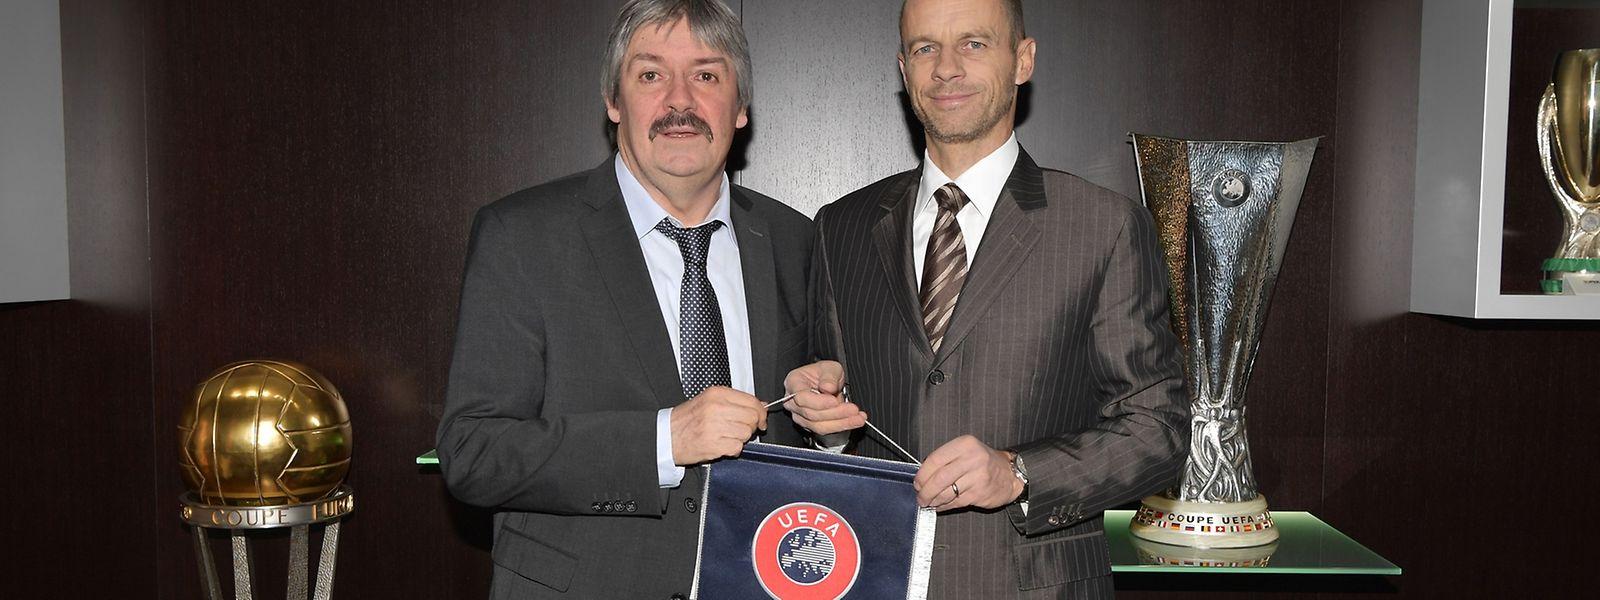 Paul Philipp (à g.), ici au côté du président de l'UEFA, Aleksander Ceferin, espère que l'UEFA fera une distinction entre les petits et les grands championnats européens